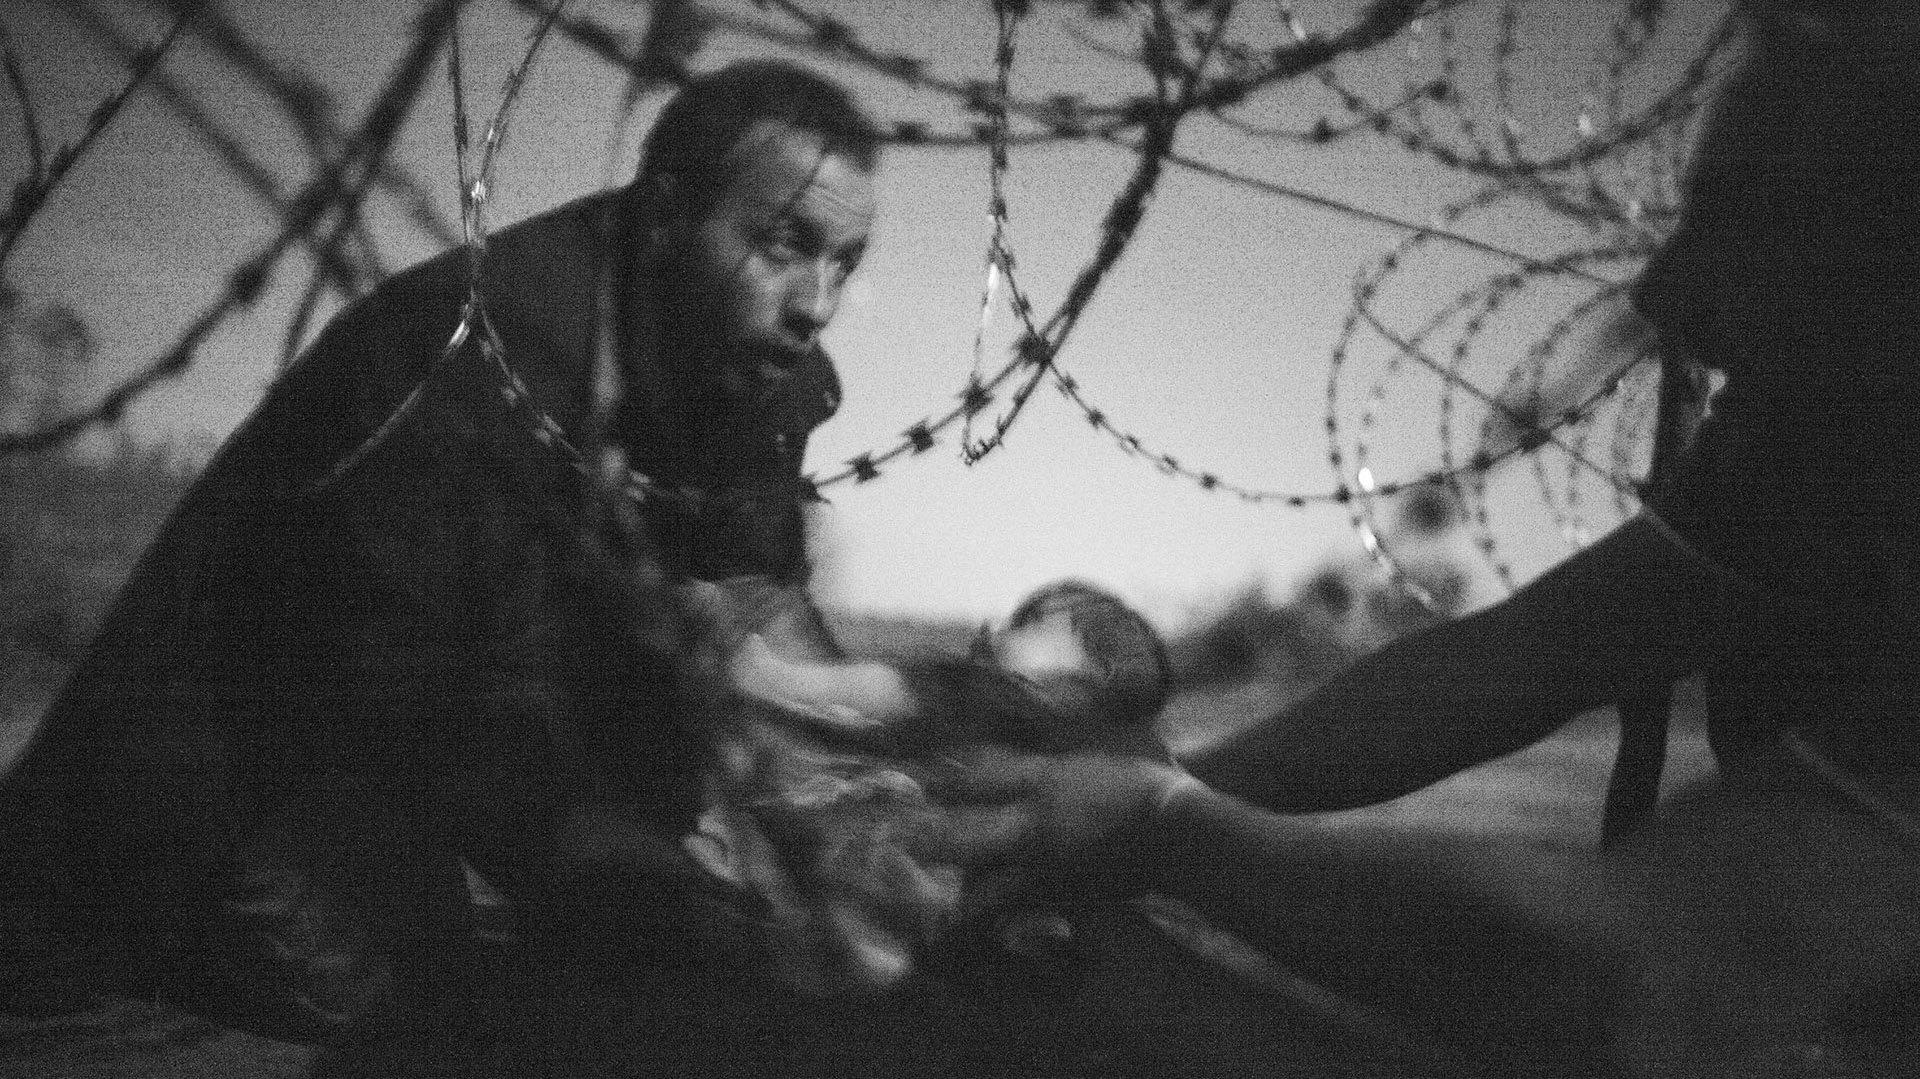 Fotografía ganadora del primer premio. Warren Richardson restrató a este hombre tratando de cruzar la frontera entre Hungría y Serbia con un bebé en brazos